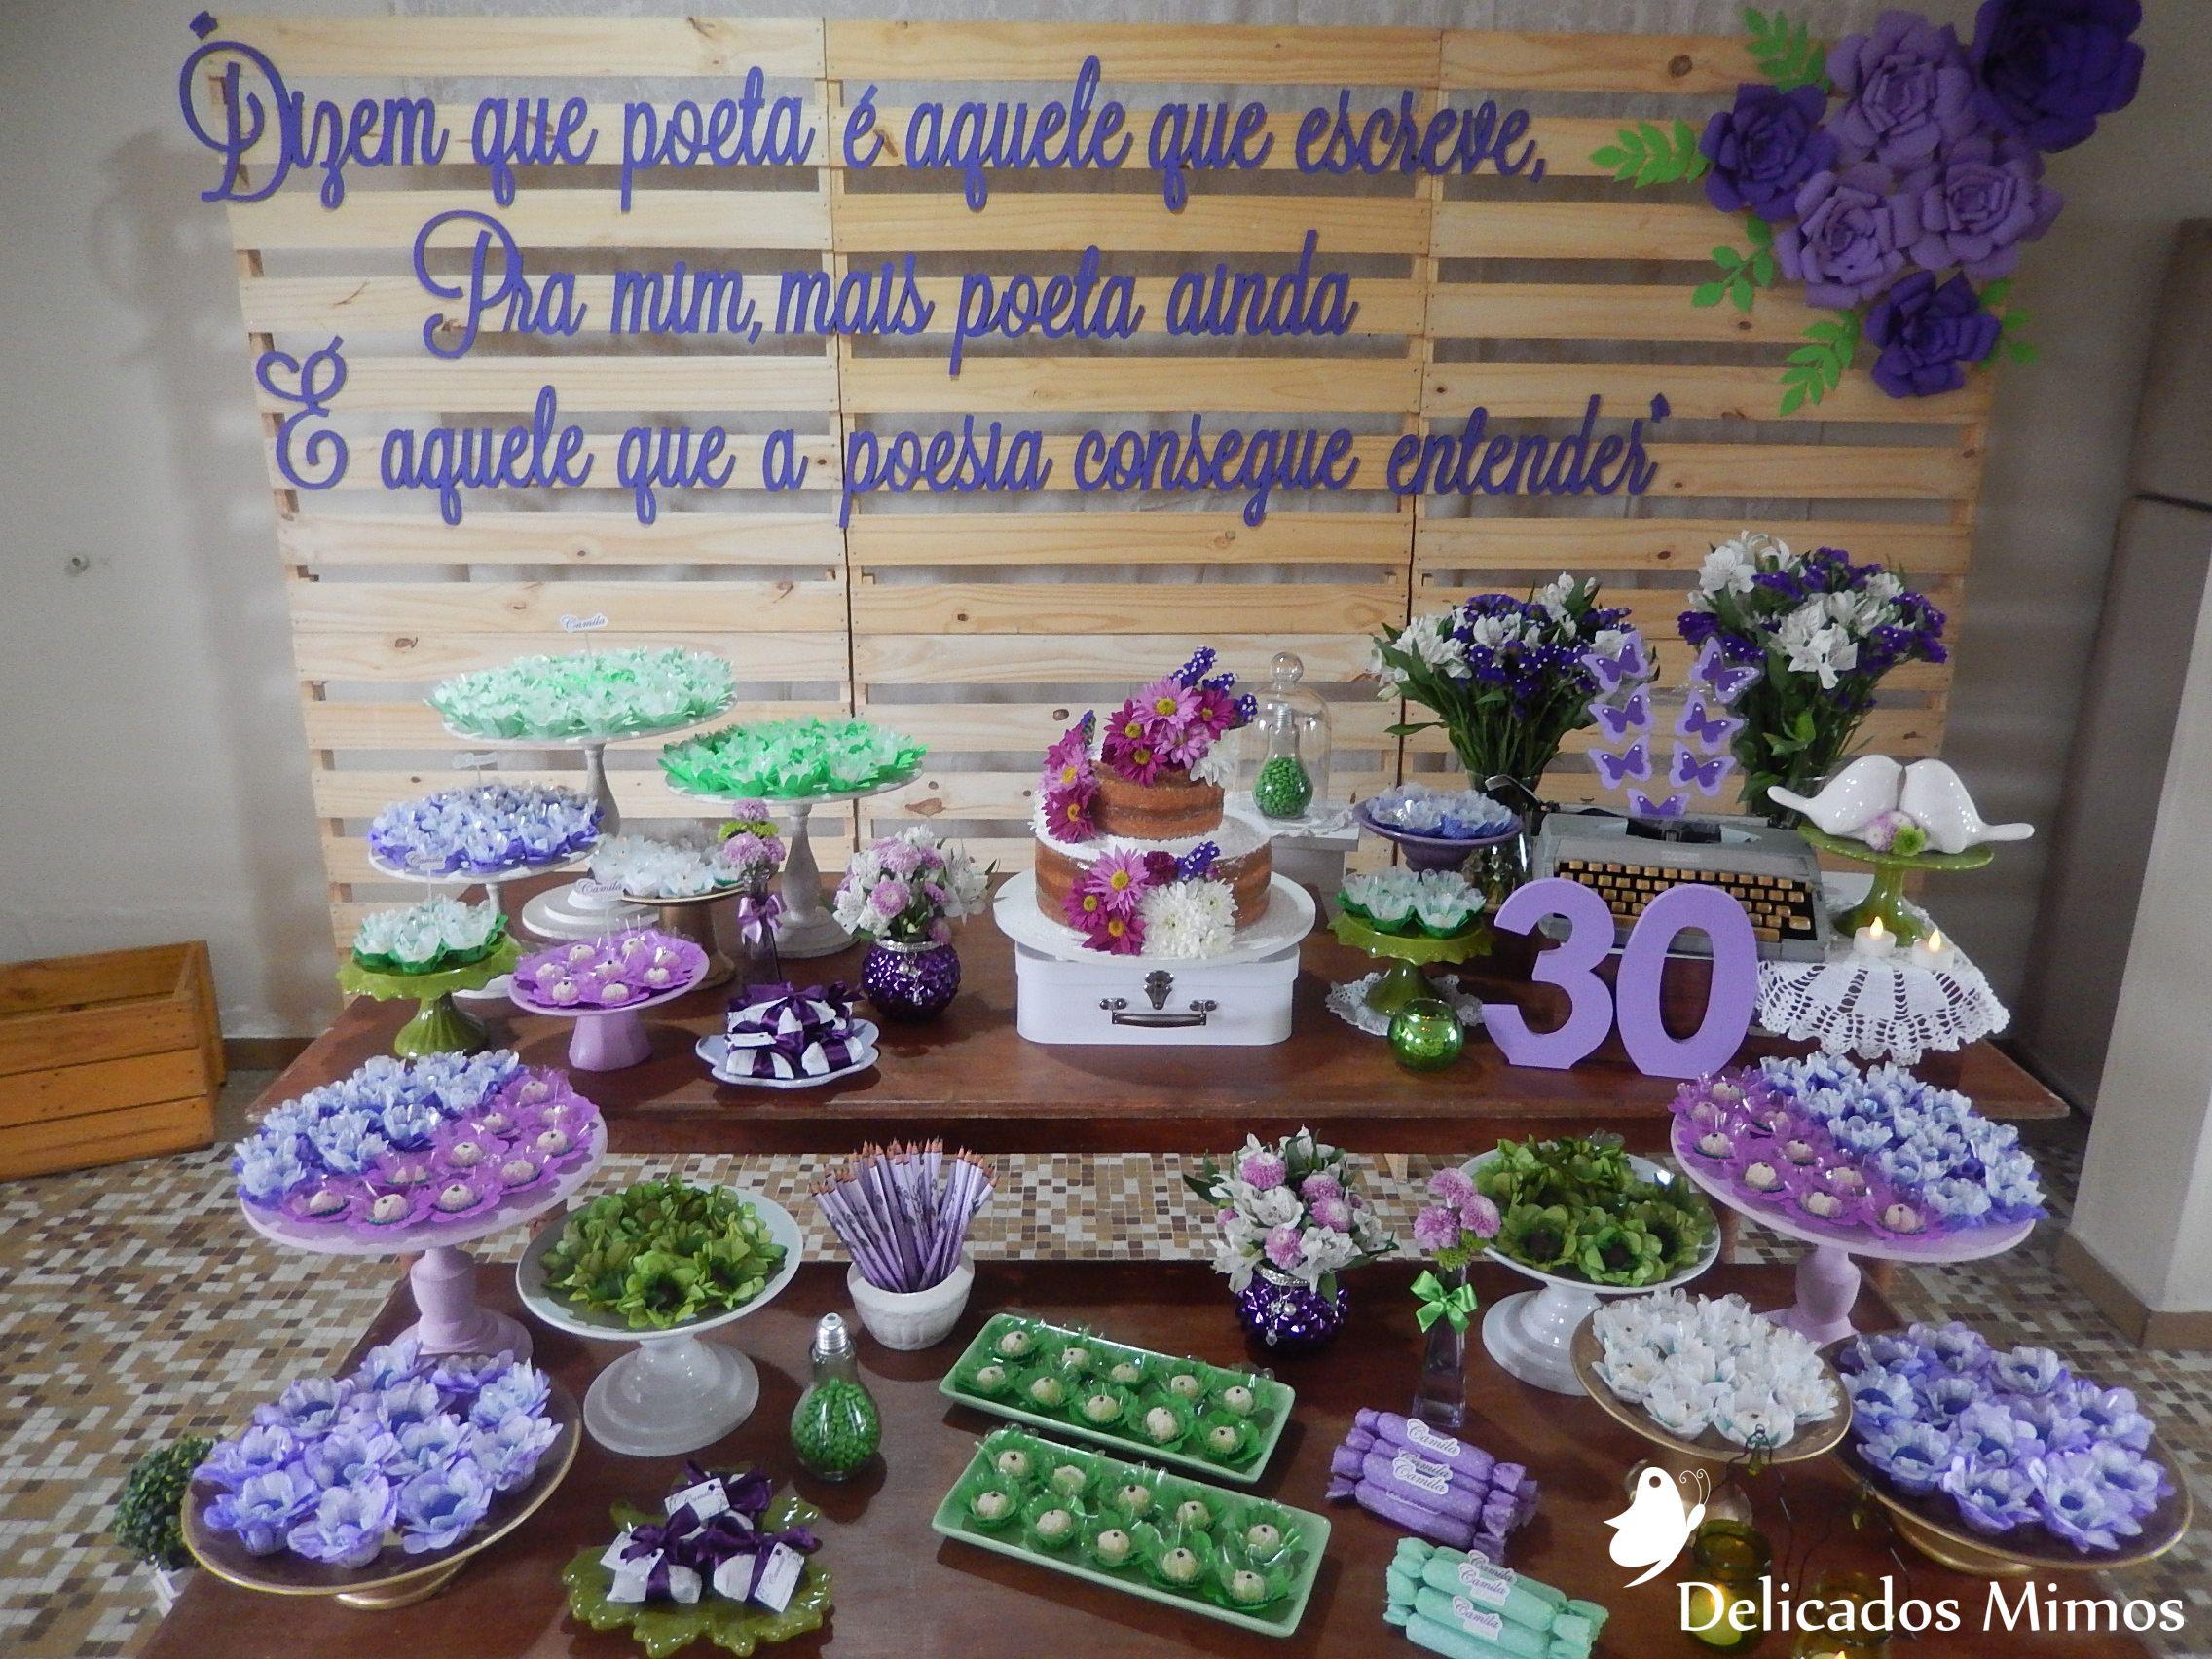 Aniversário 30 anos - Poesia com flores